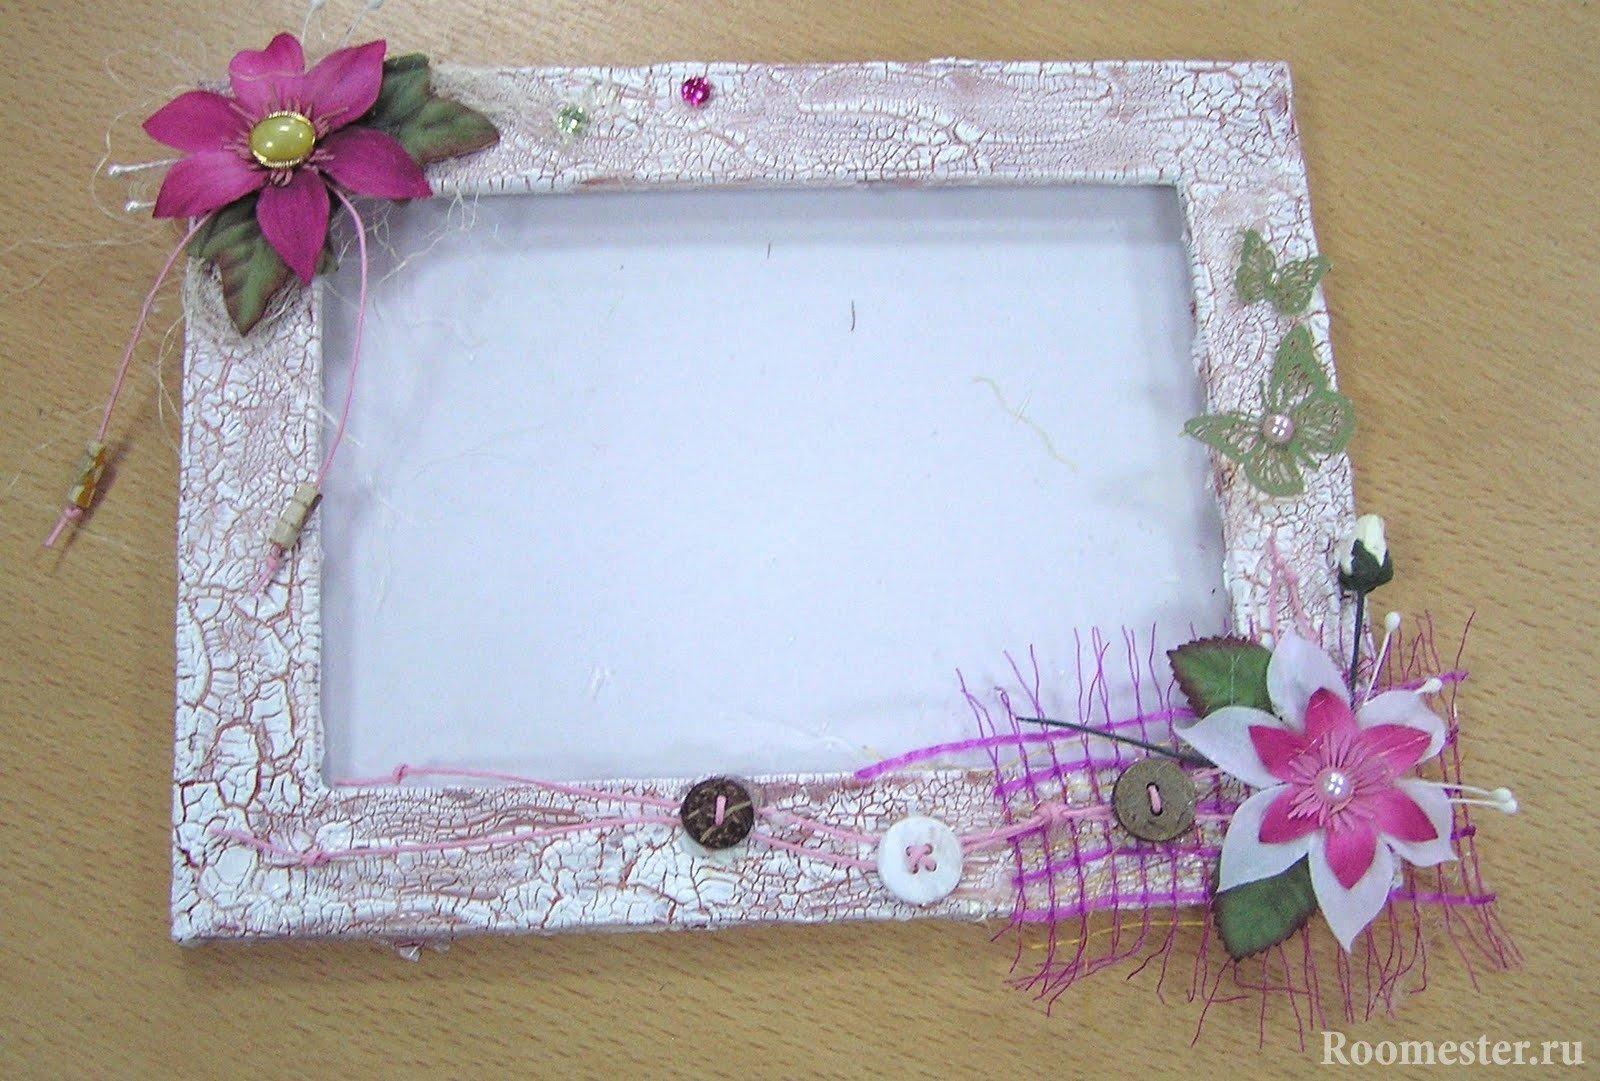 Украшение рамки с помощью искусственных цветов